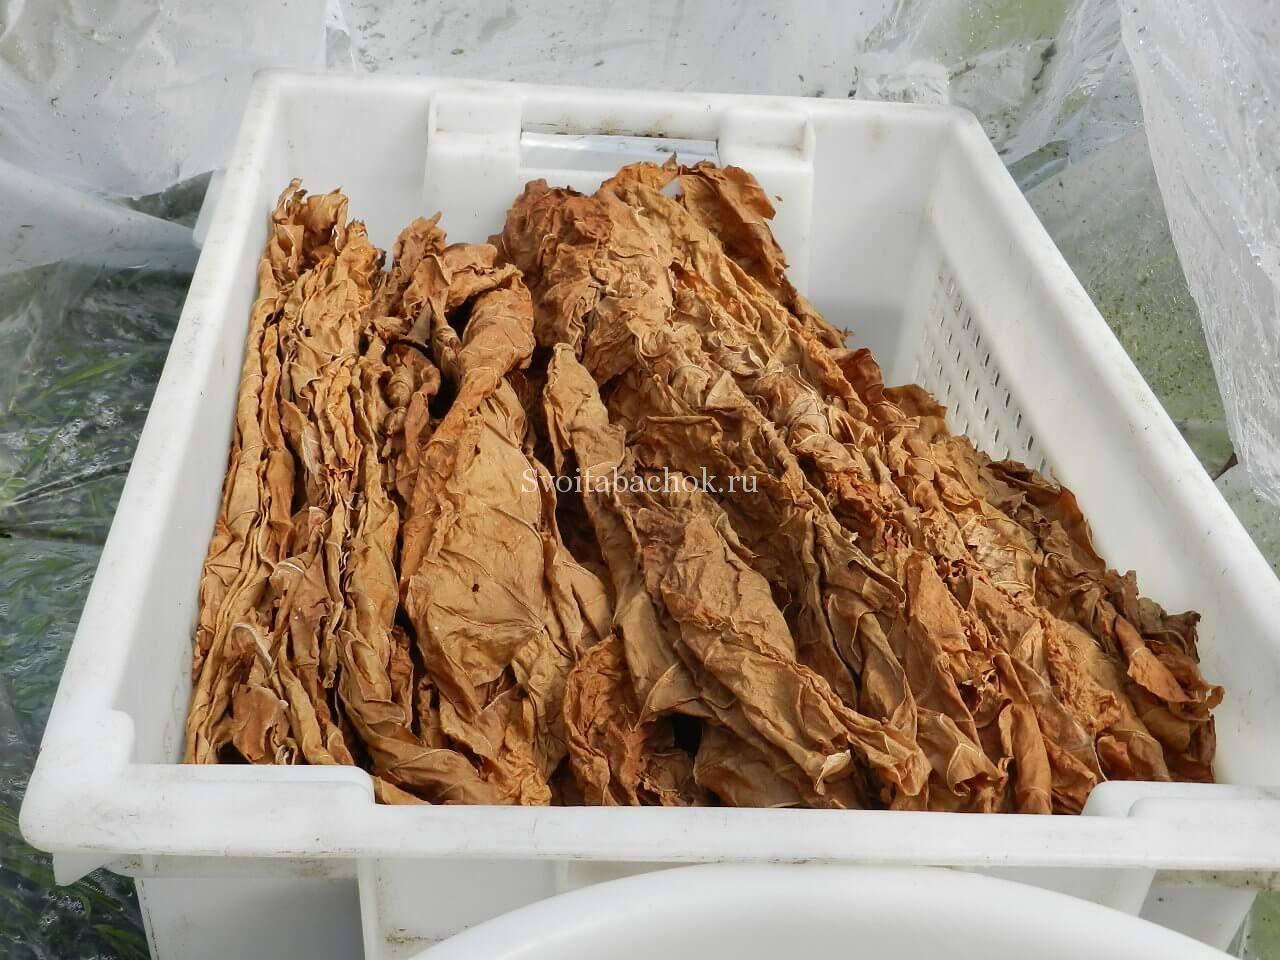 Как заготовить табак в домашних условиях